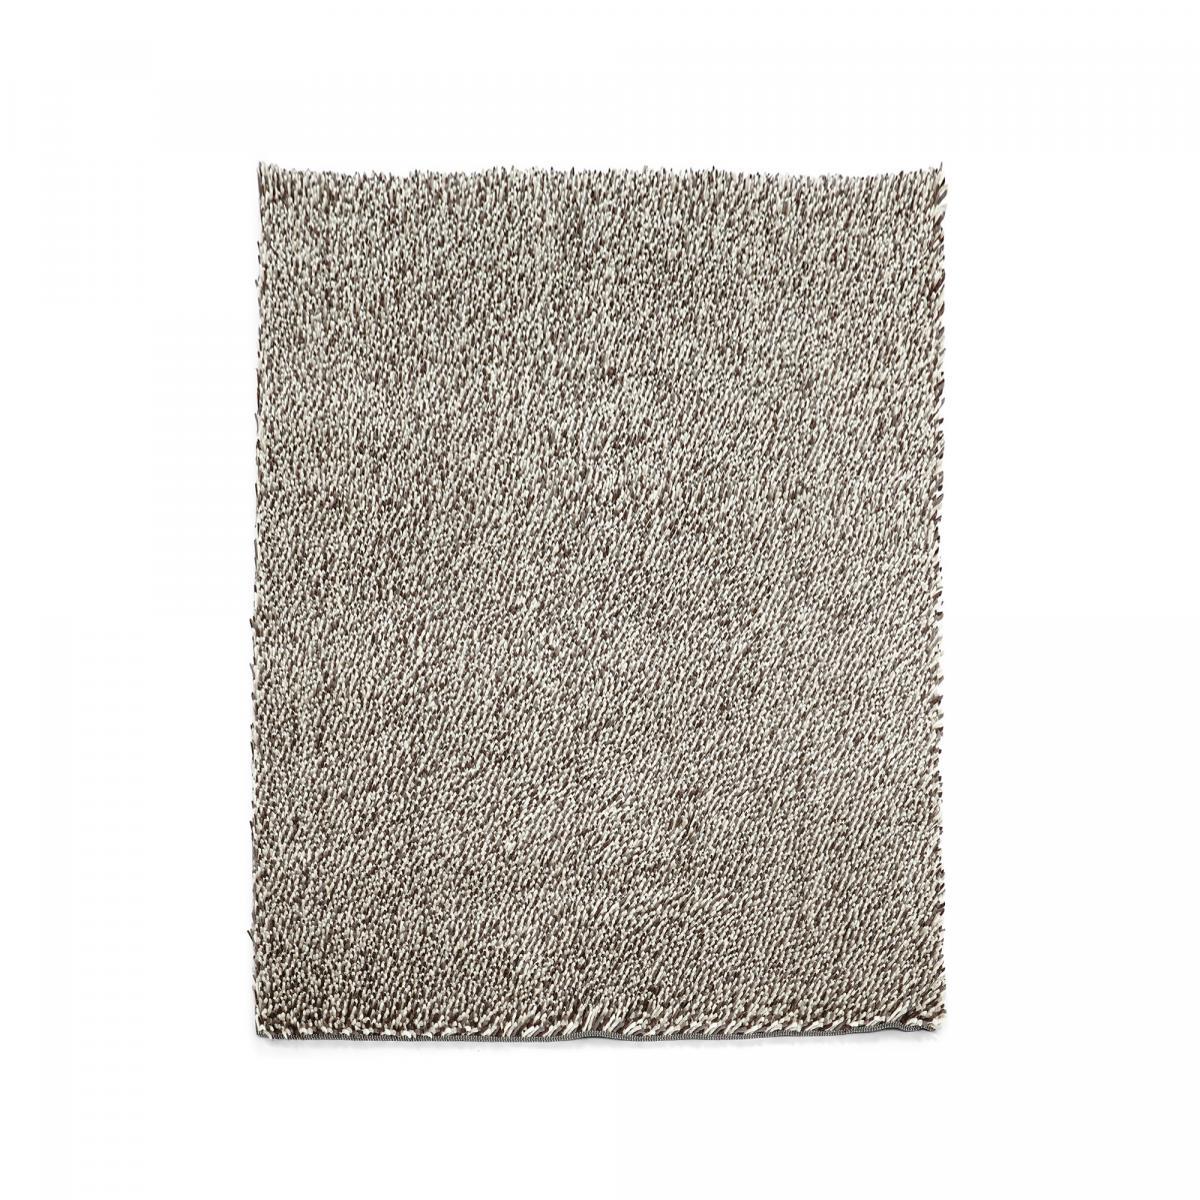 Tapis shaggy poils long en laine beige 170x240